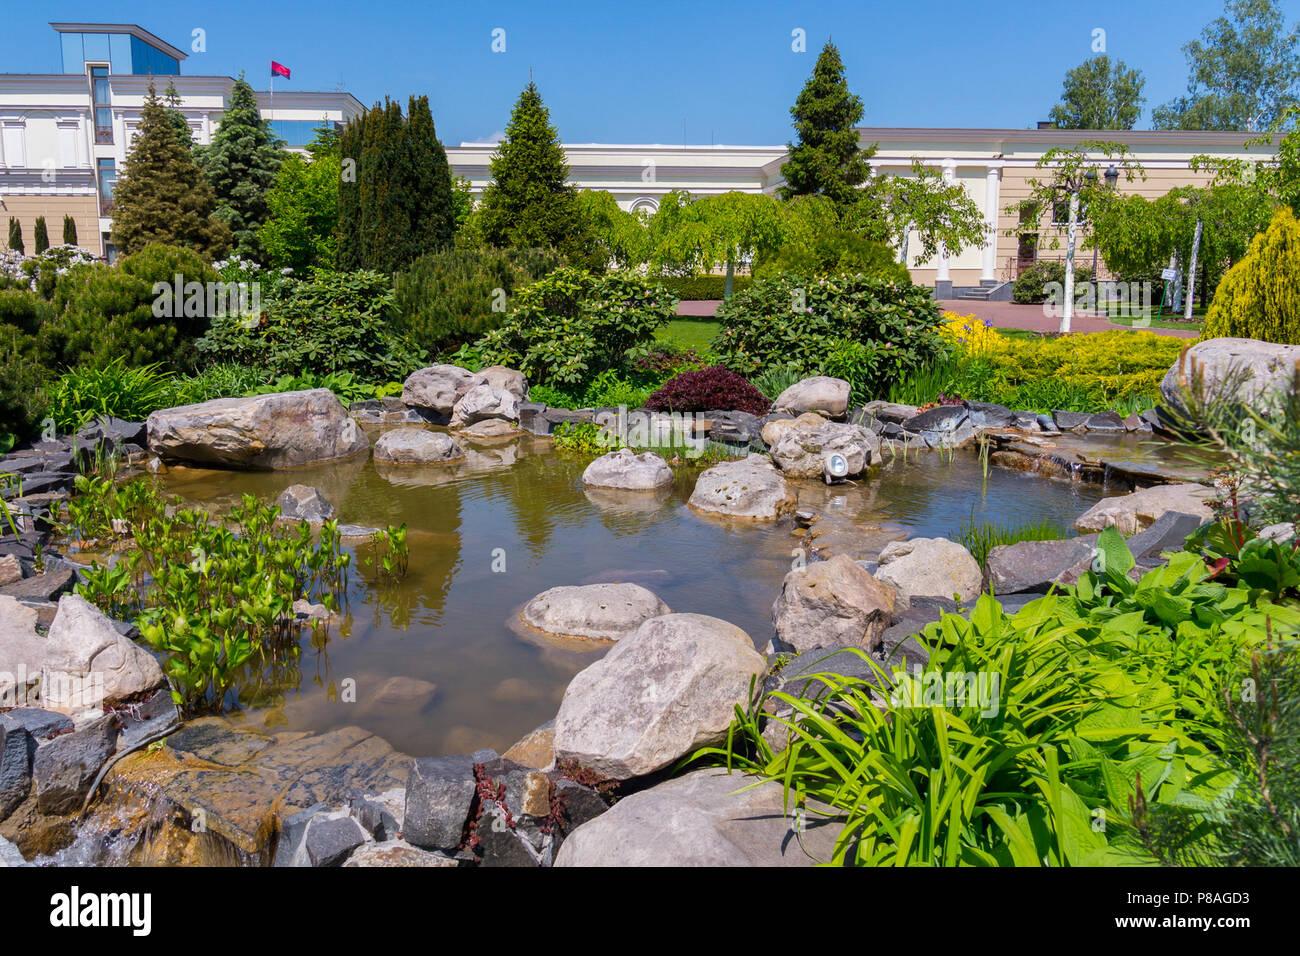 Alberi Ornamentali Da Giardino piantare arbusti ornamentali e alberi vicino a stony piscina